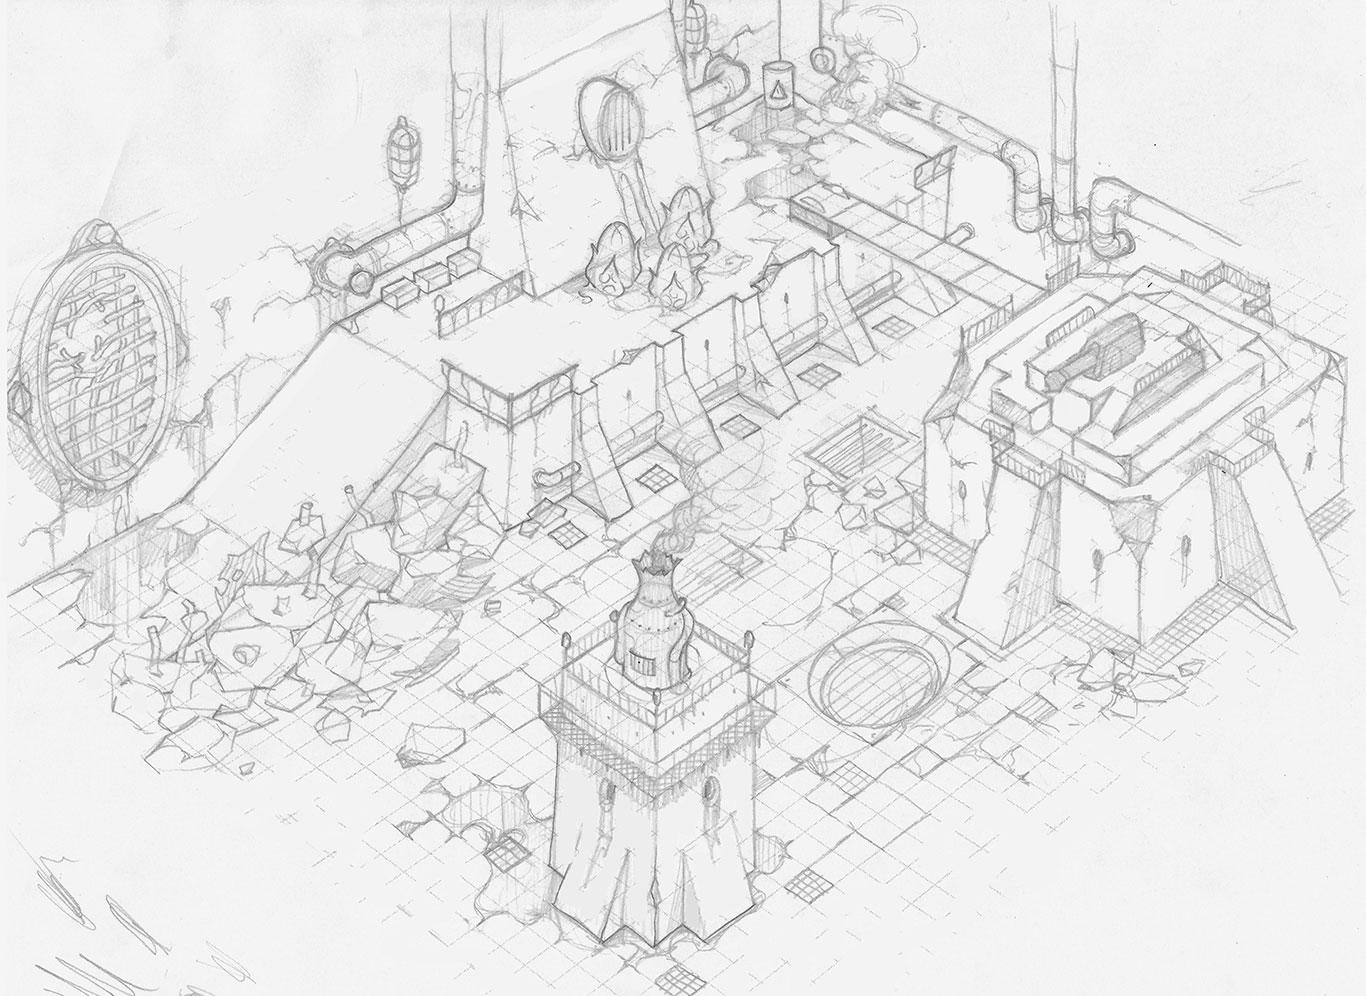 trudy_tech_demo_sketch